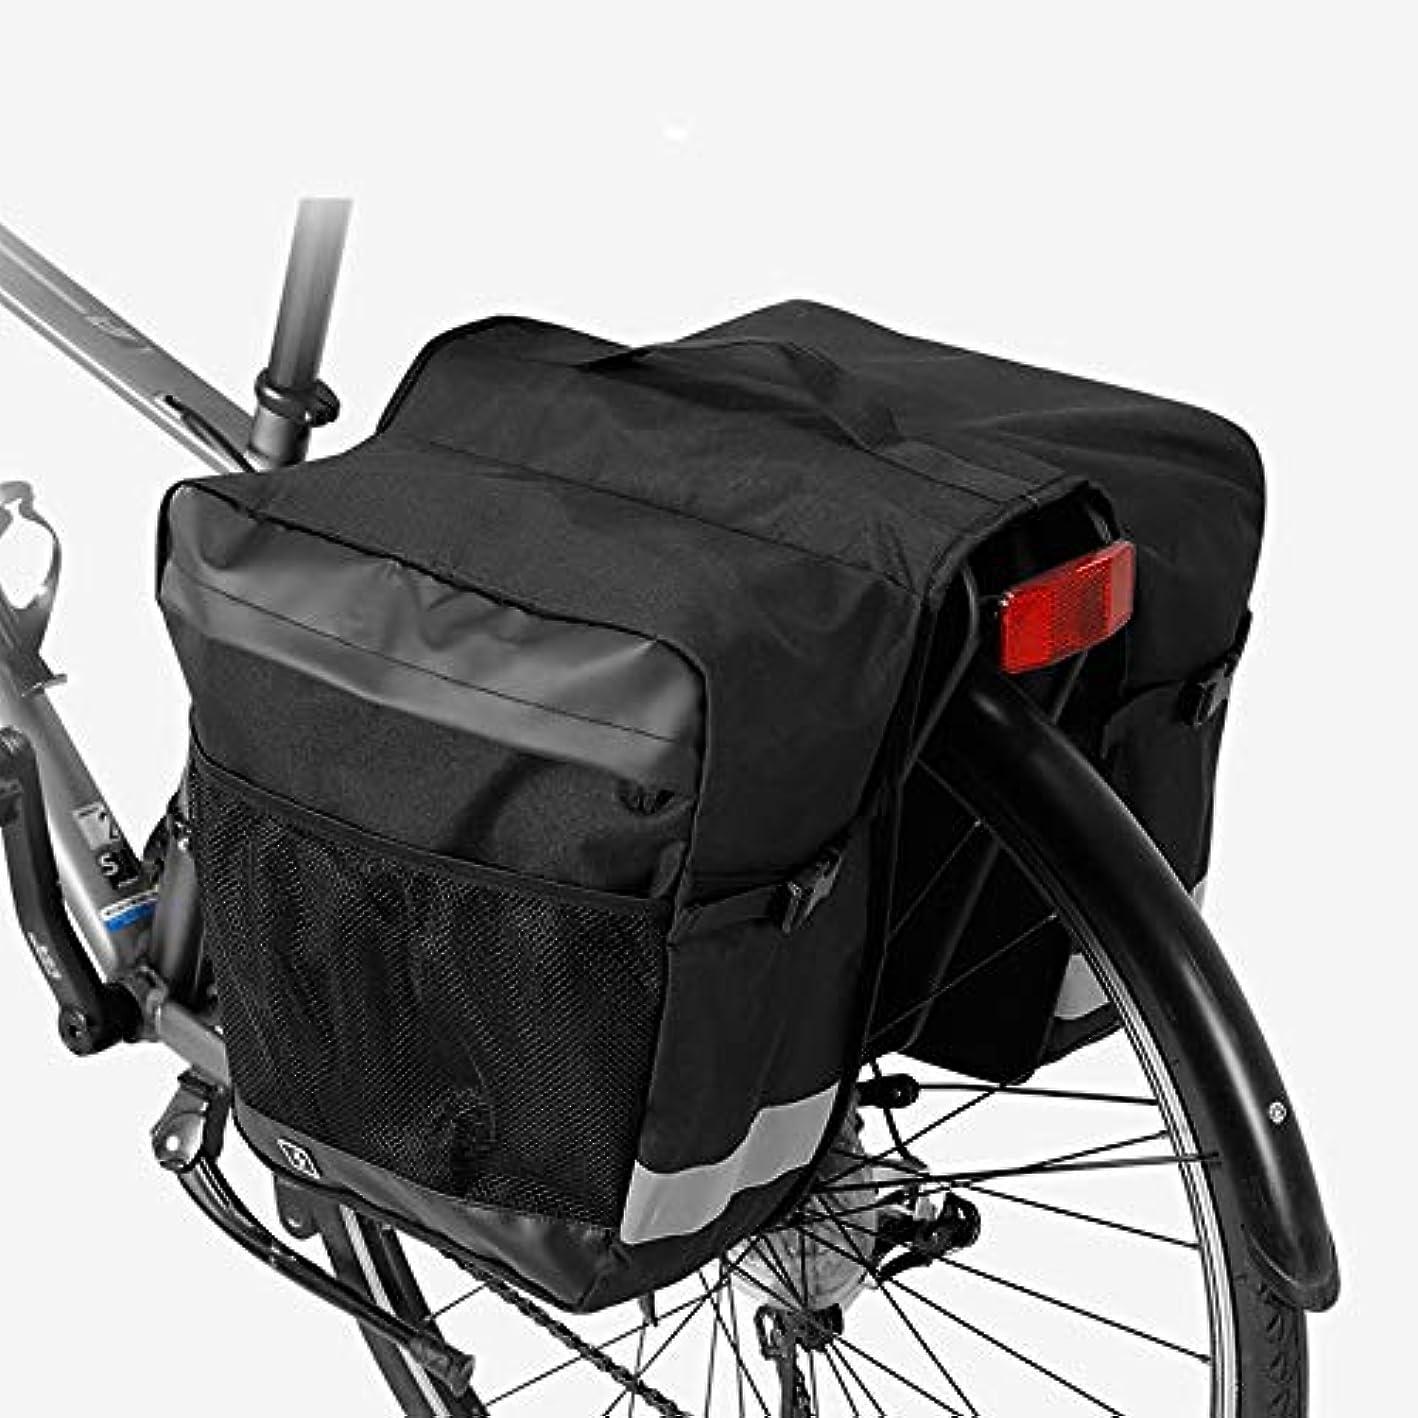 ジョブ追記町自転車バッグ 自転車後部座席反射トリムと大型ポケットロードバイクマウンテン用レインカバーショルダーストラップ自転車パニエの自転車トランクバッグ